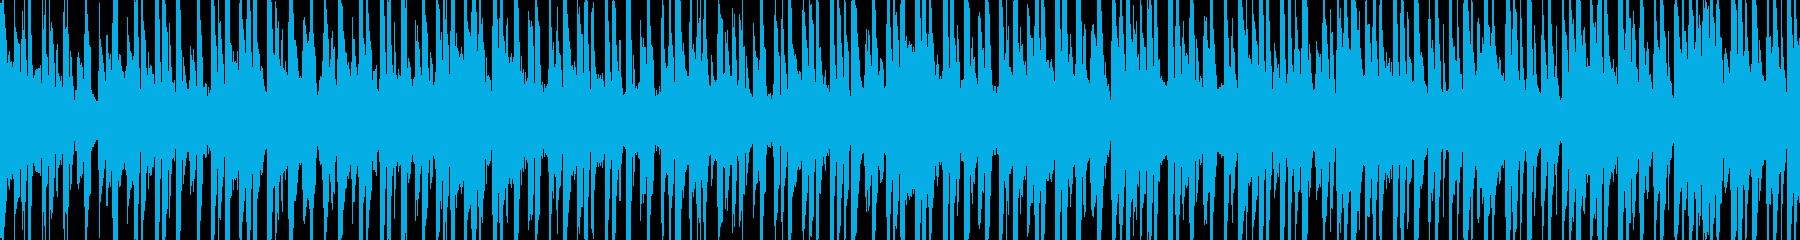 新世紀エレクトロニクス 新世紀実験...の再生済みの波形